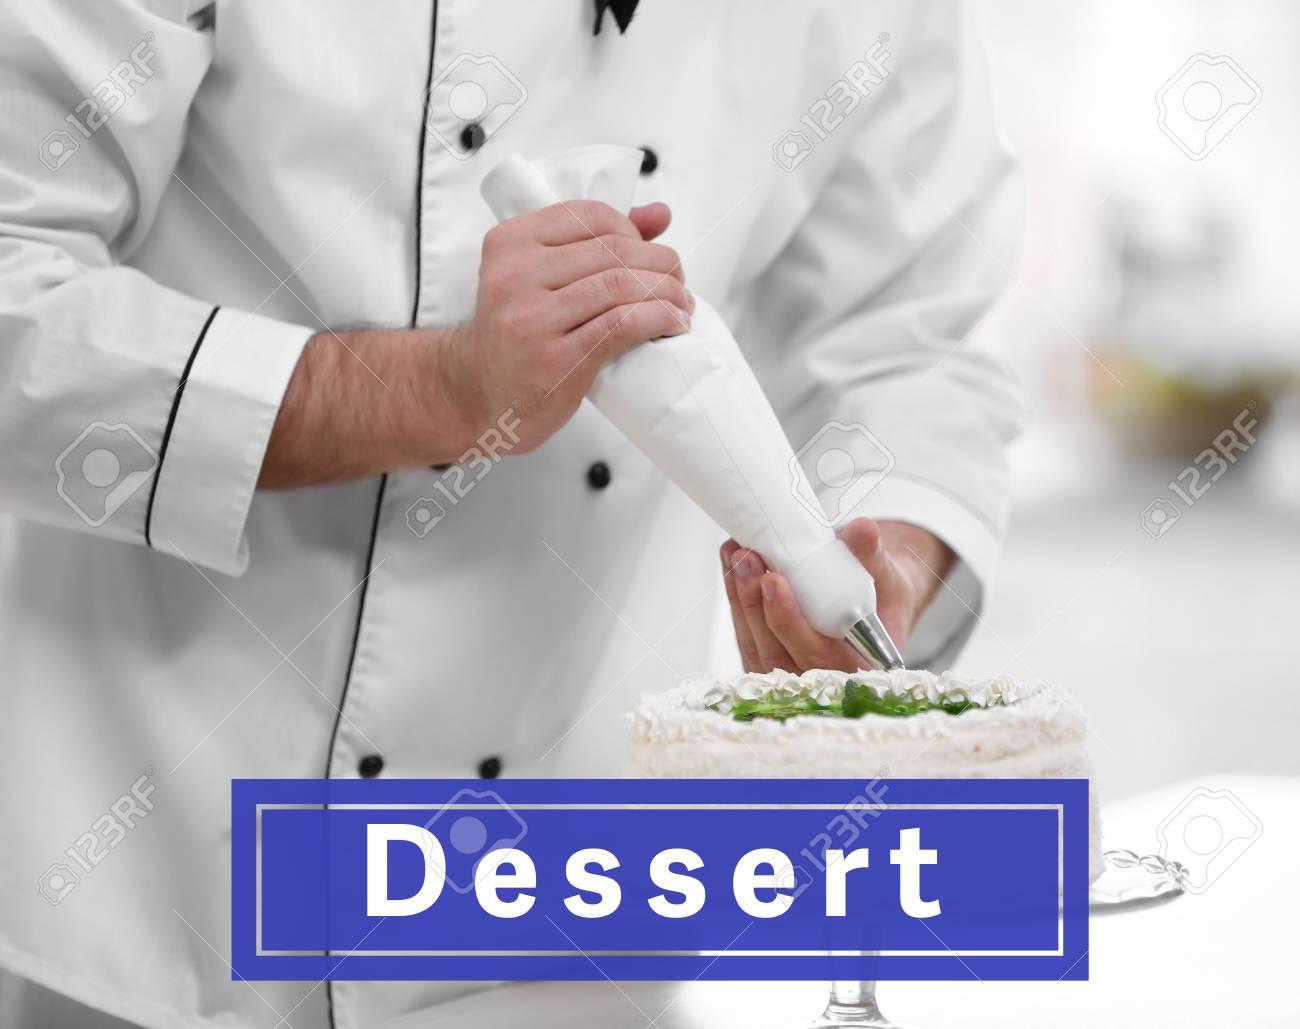 Mannliche Hande Die Kuchen Mit Sahne Verzieren Lizenzfreie Fotos